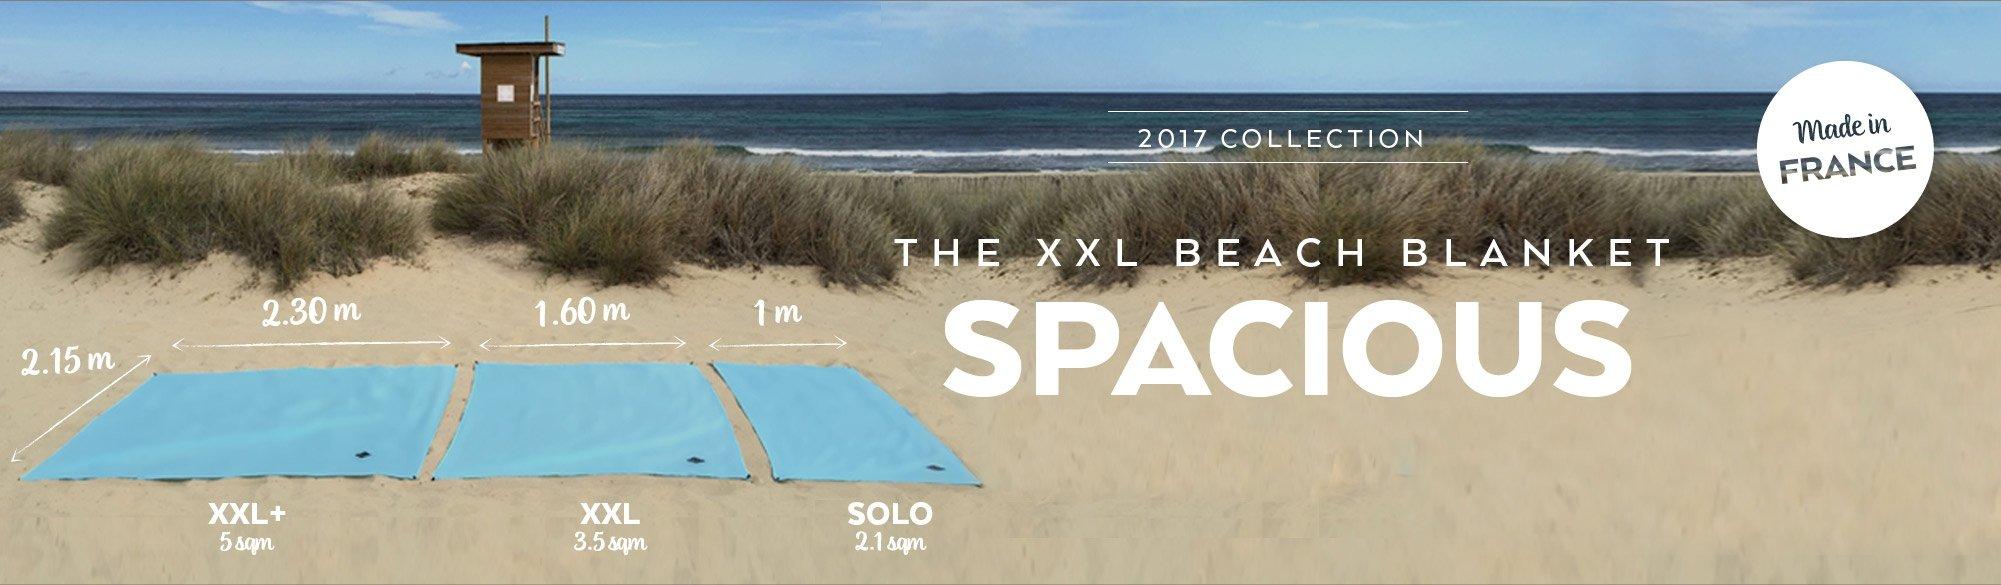 The spacious beach blanket